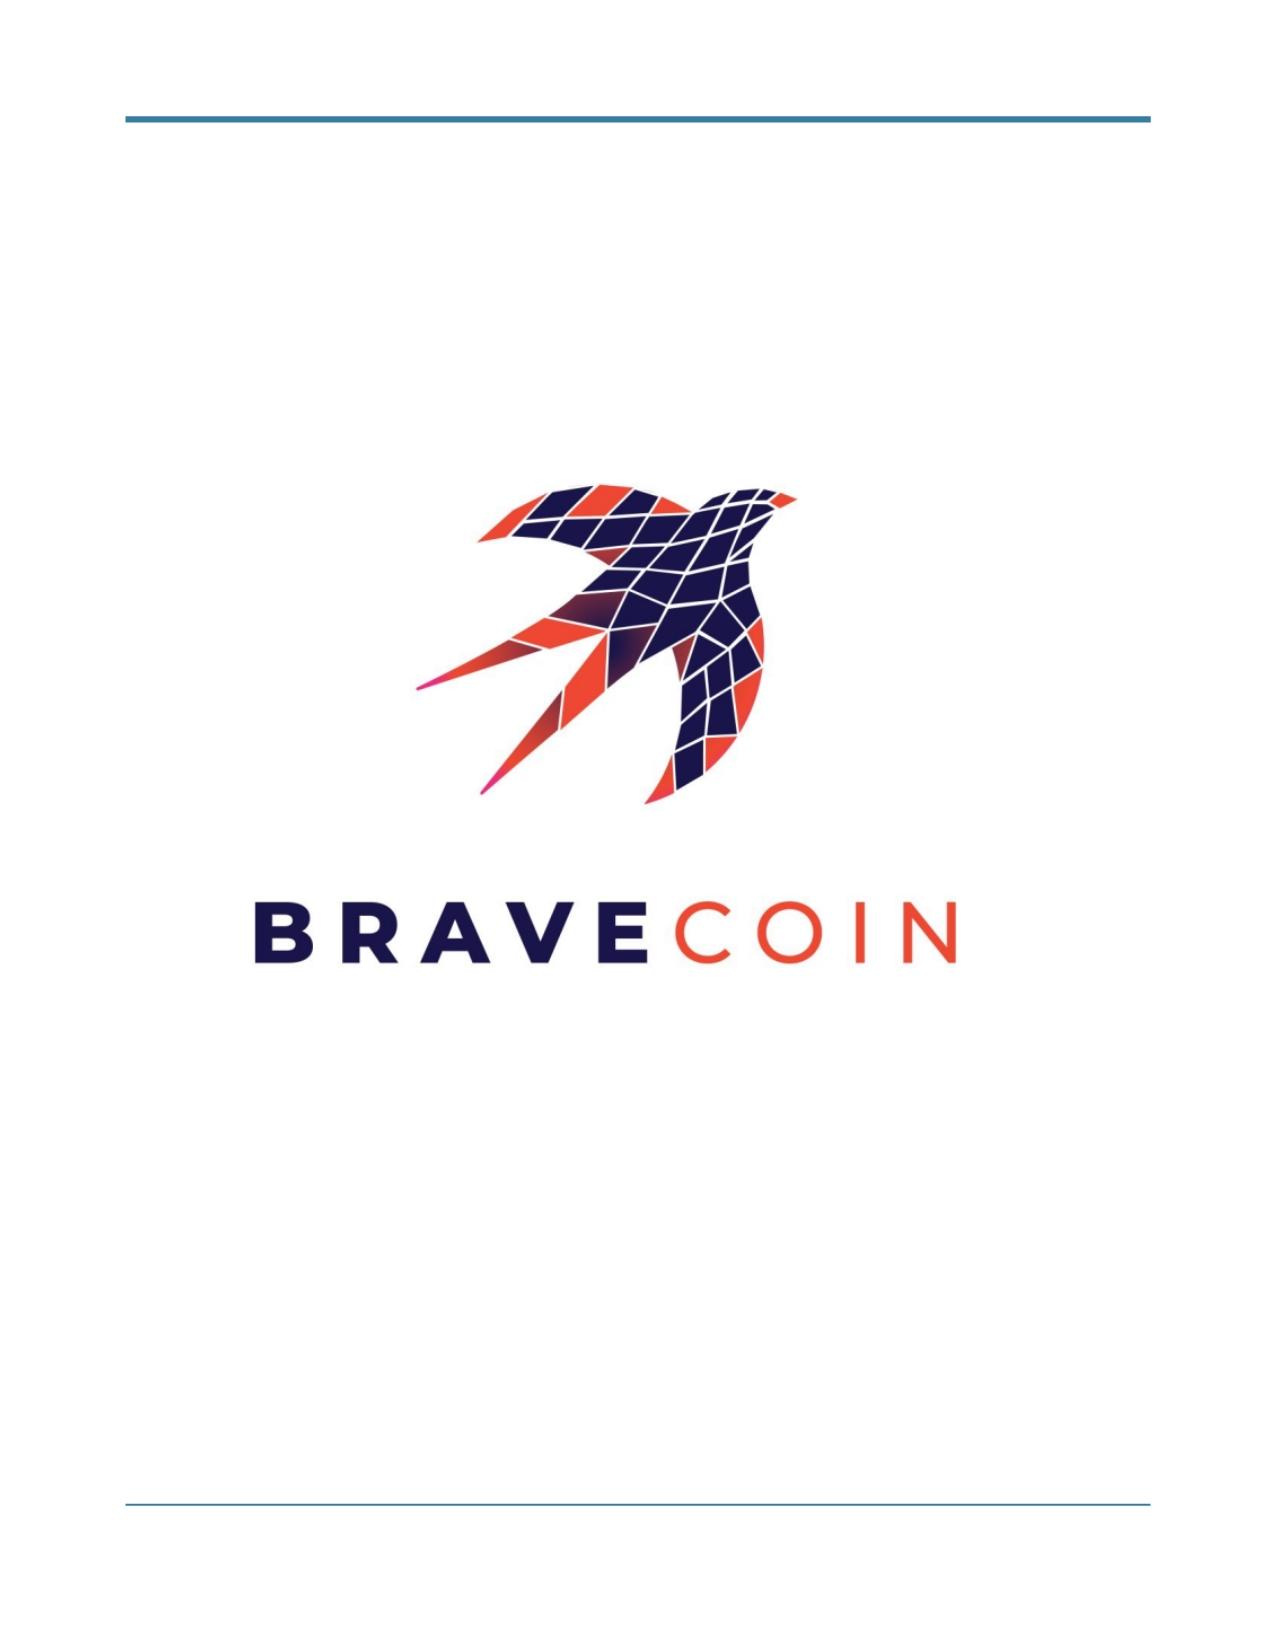 BRAVCOIN_KR (1).jpg